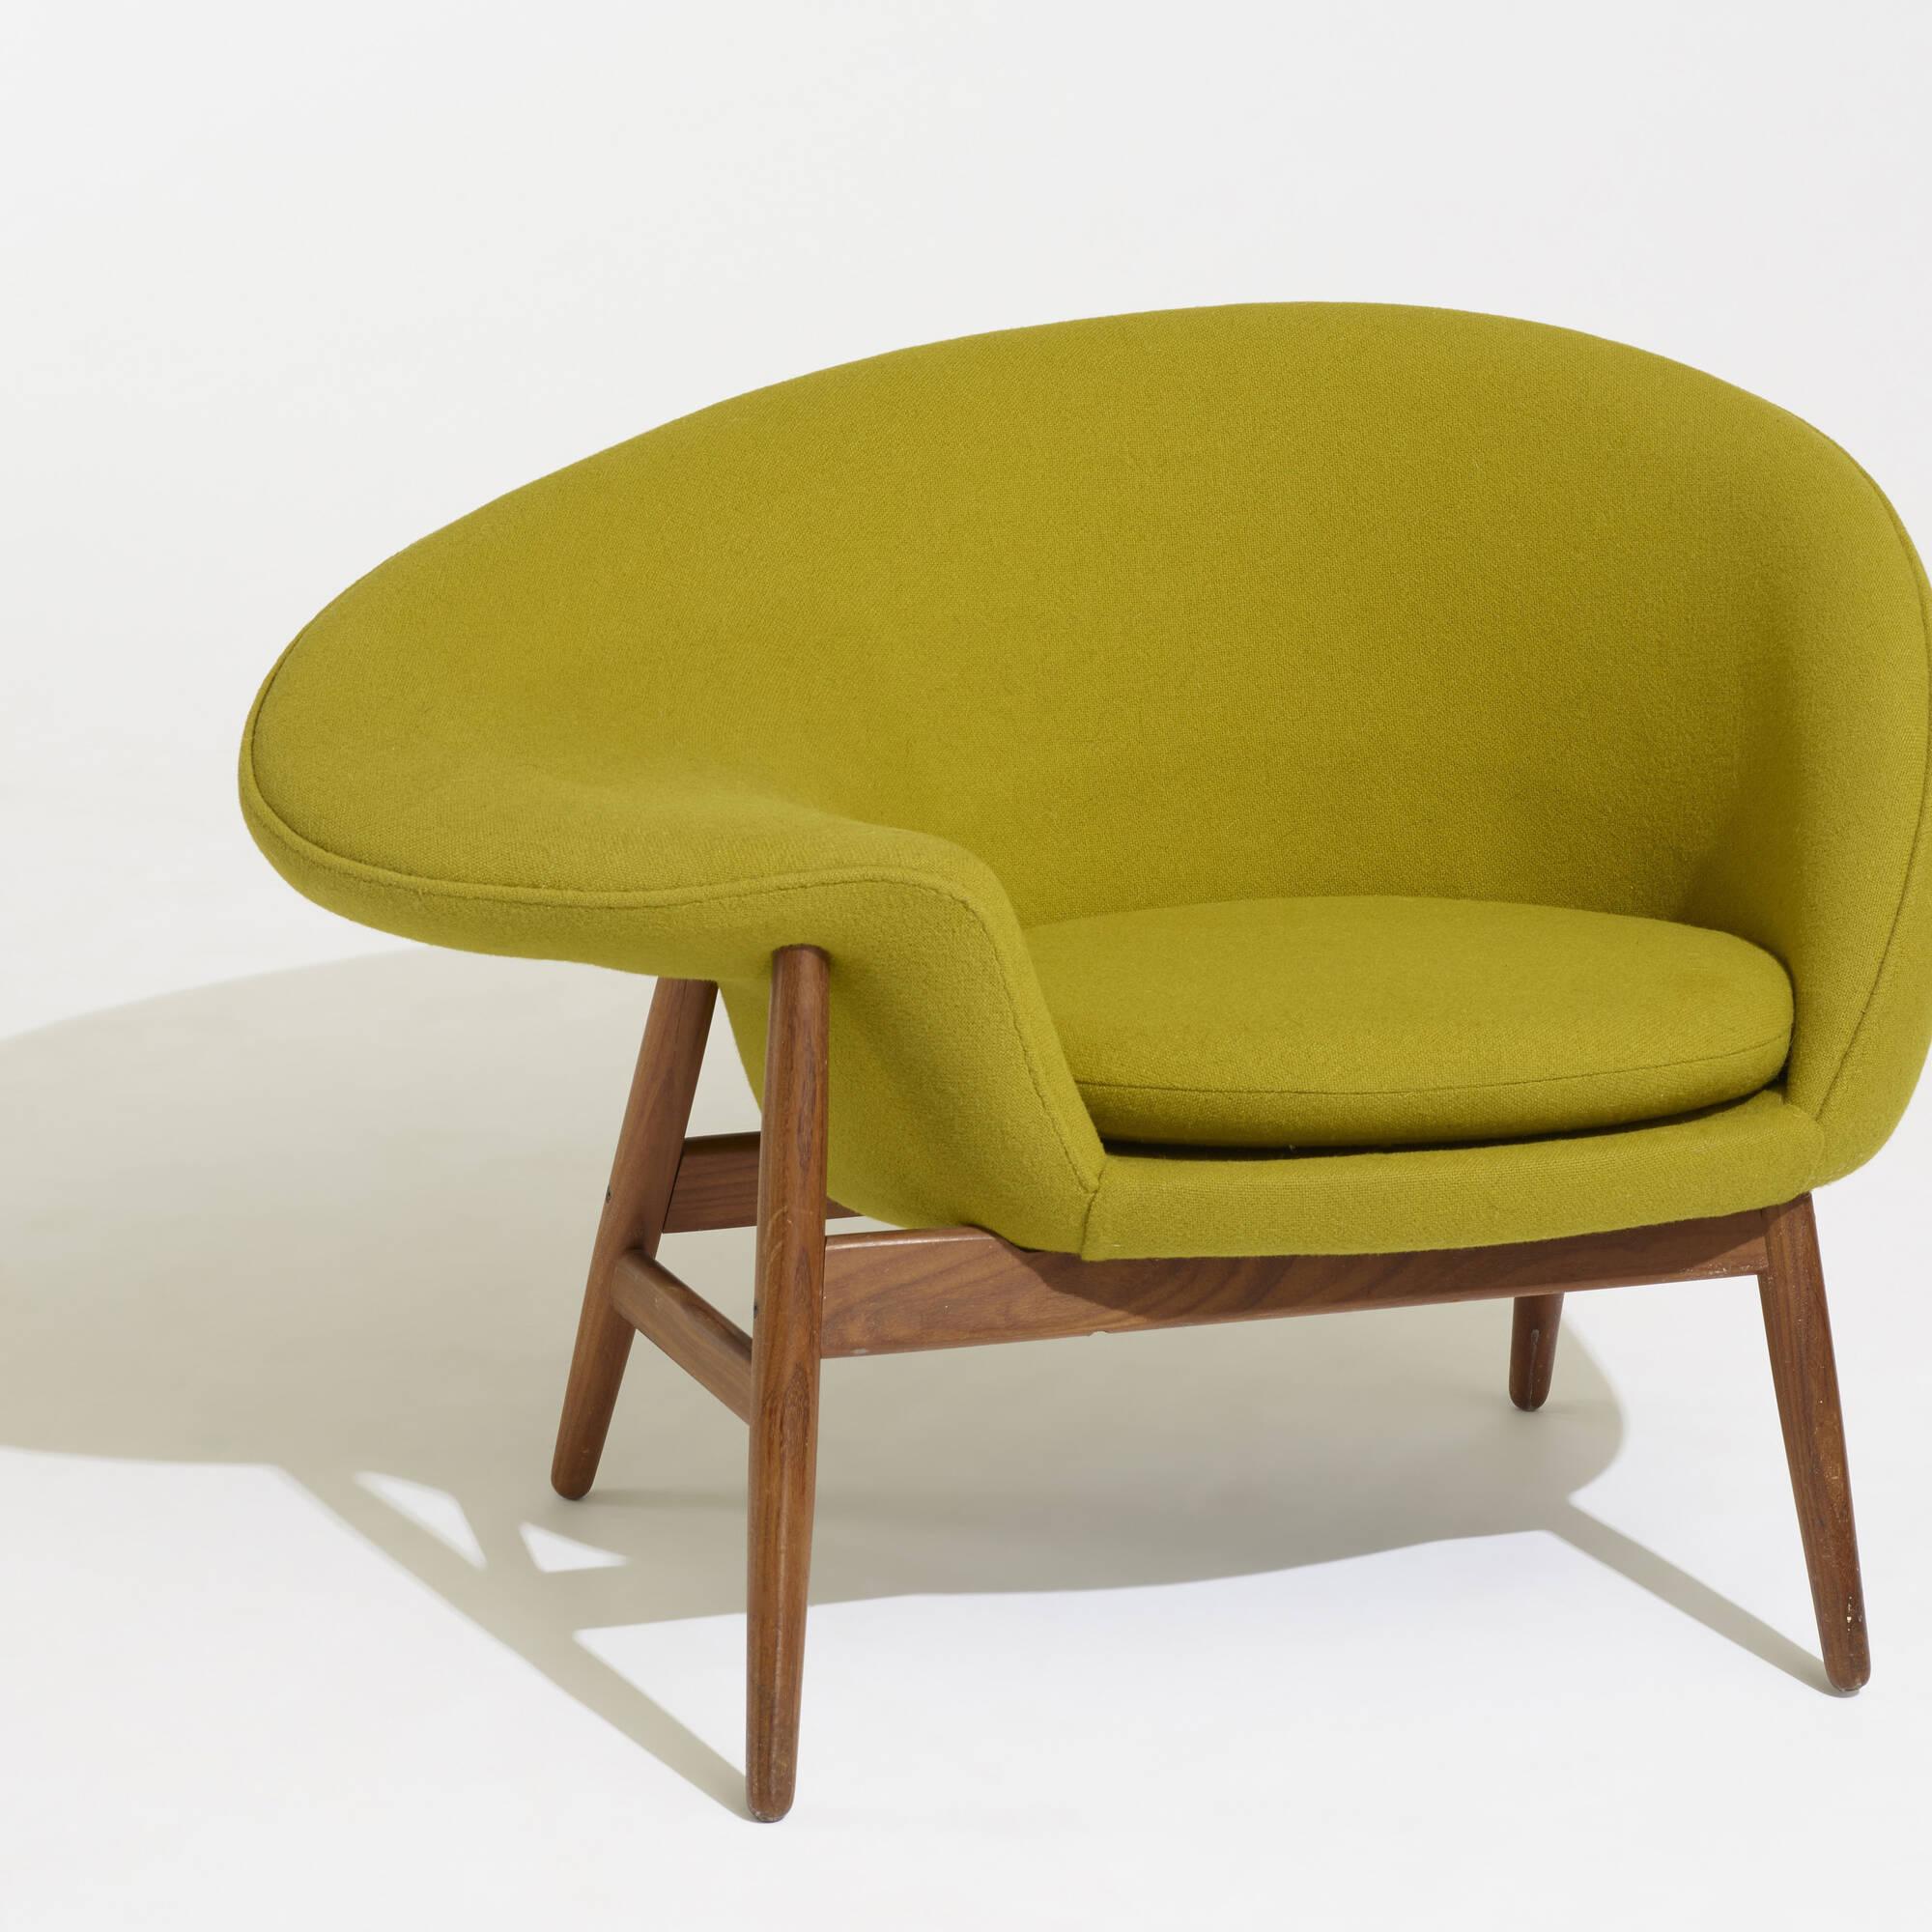 ... 187: Hans Olsen / Lounge Chair, Model 188 (4 Of 4)